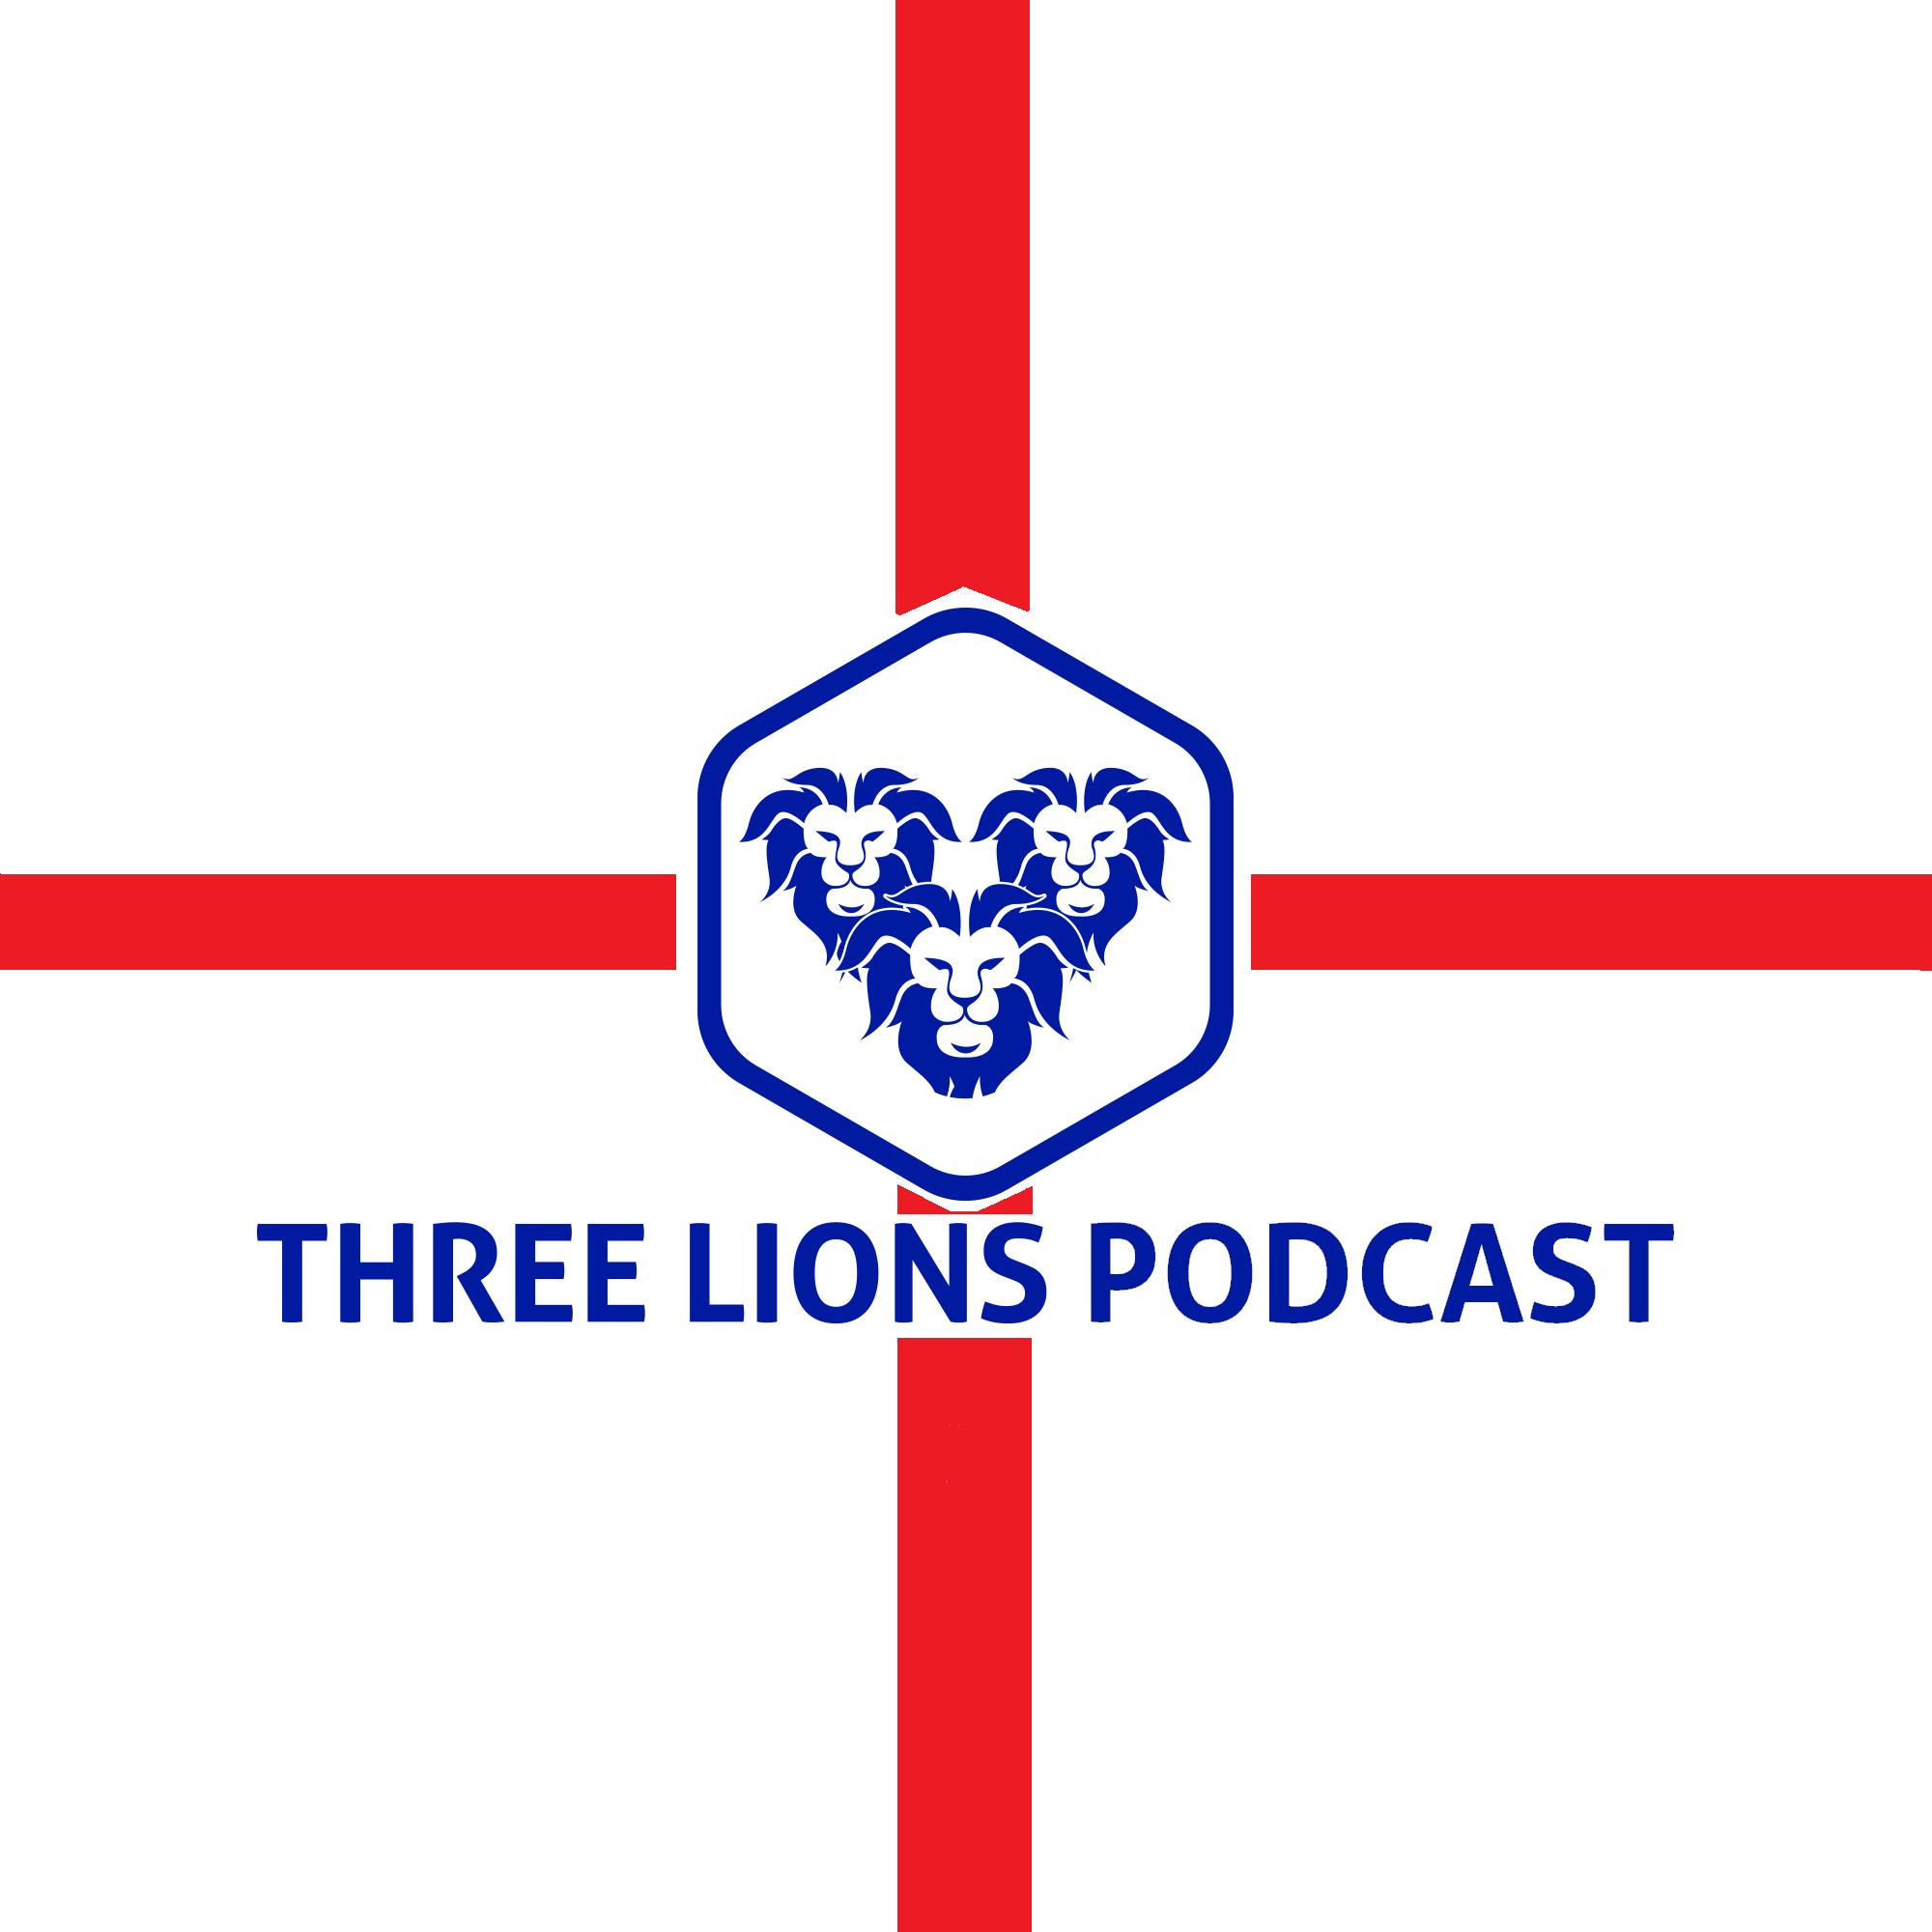 Artwork for The England C Team